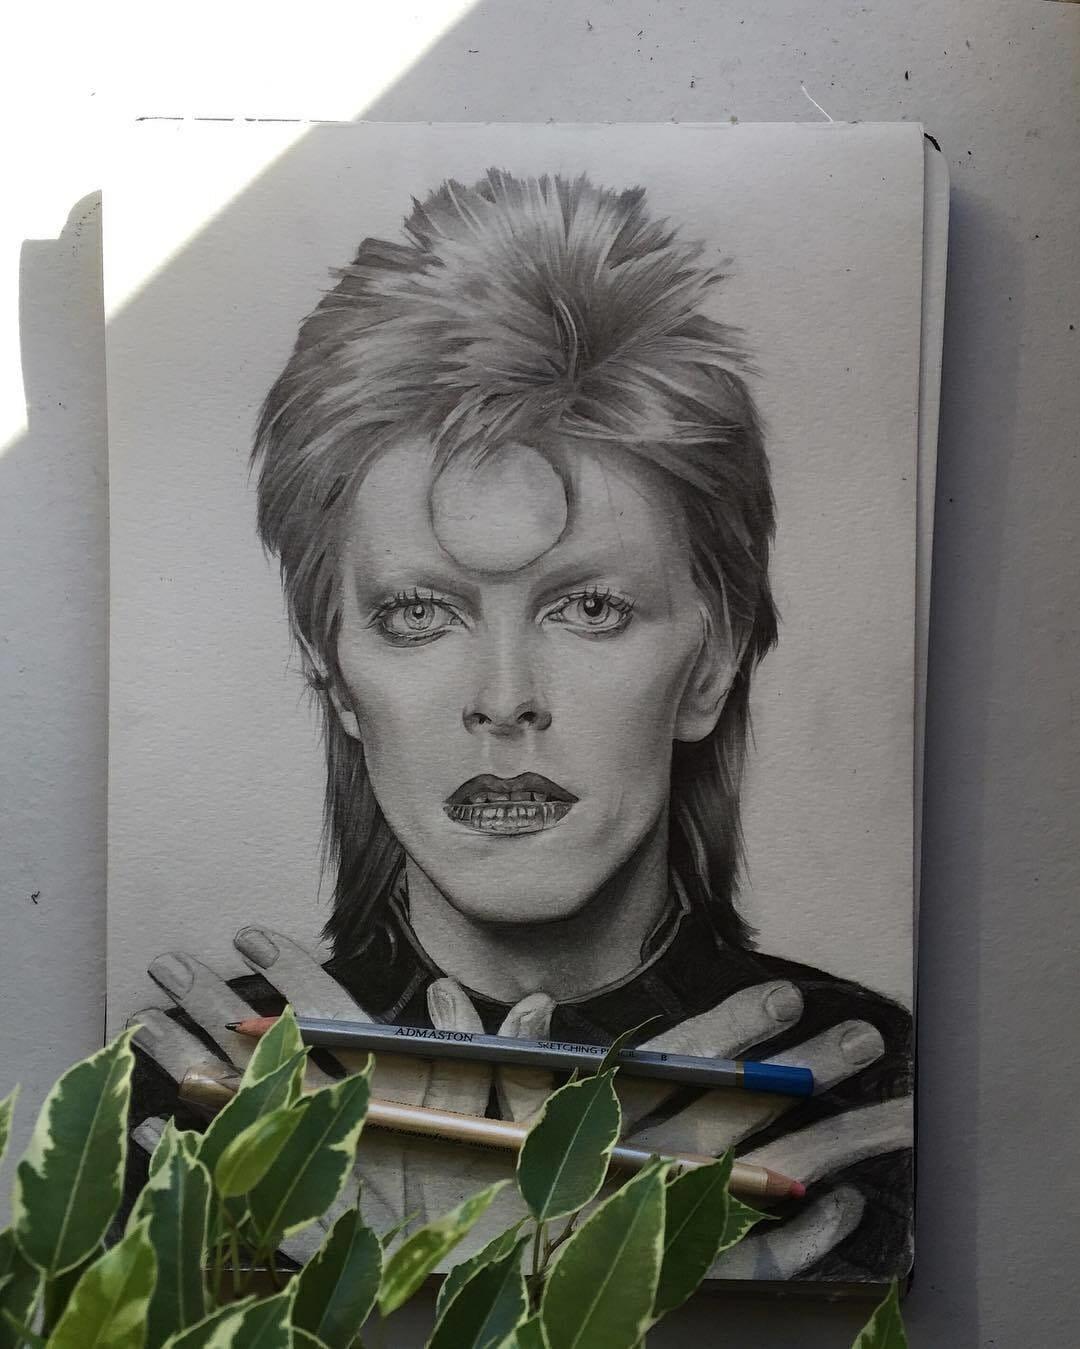 Dessin au crayon représentant David Bowie